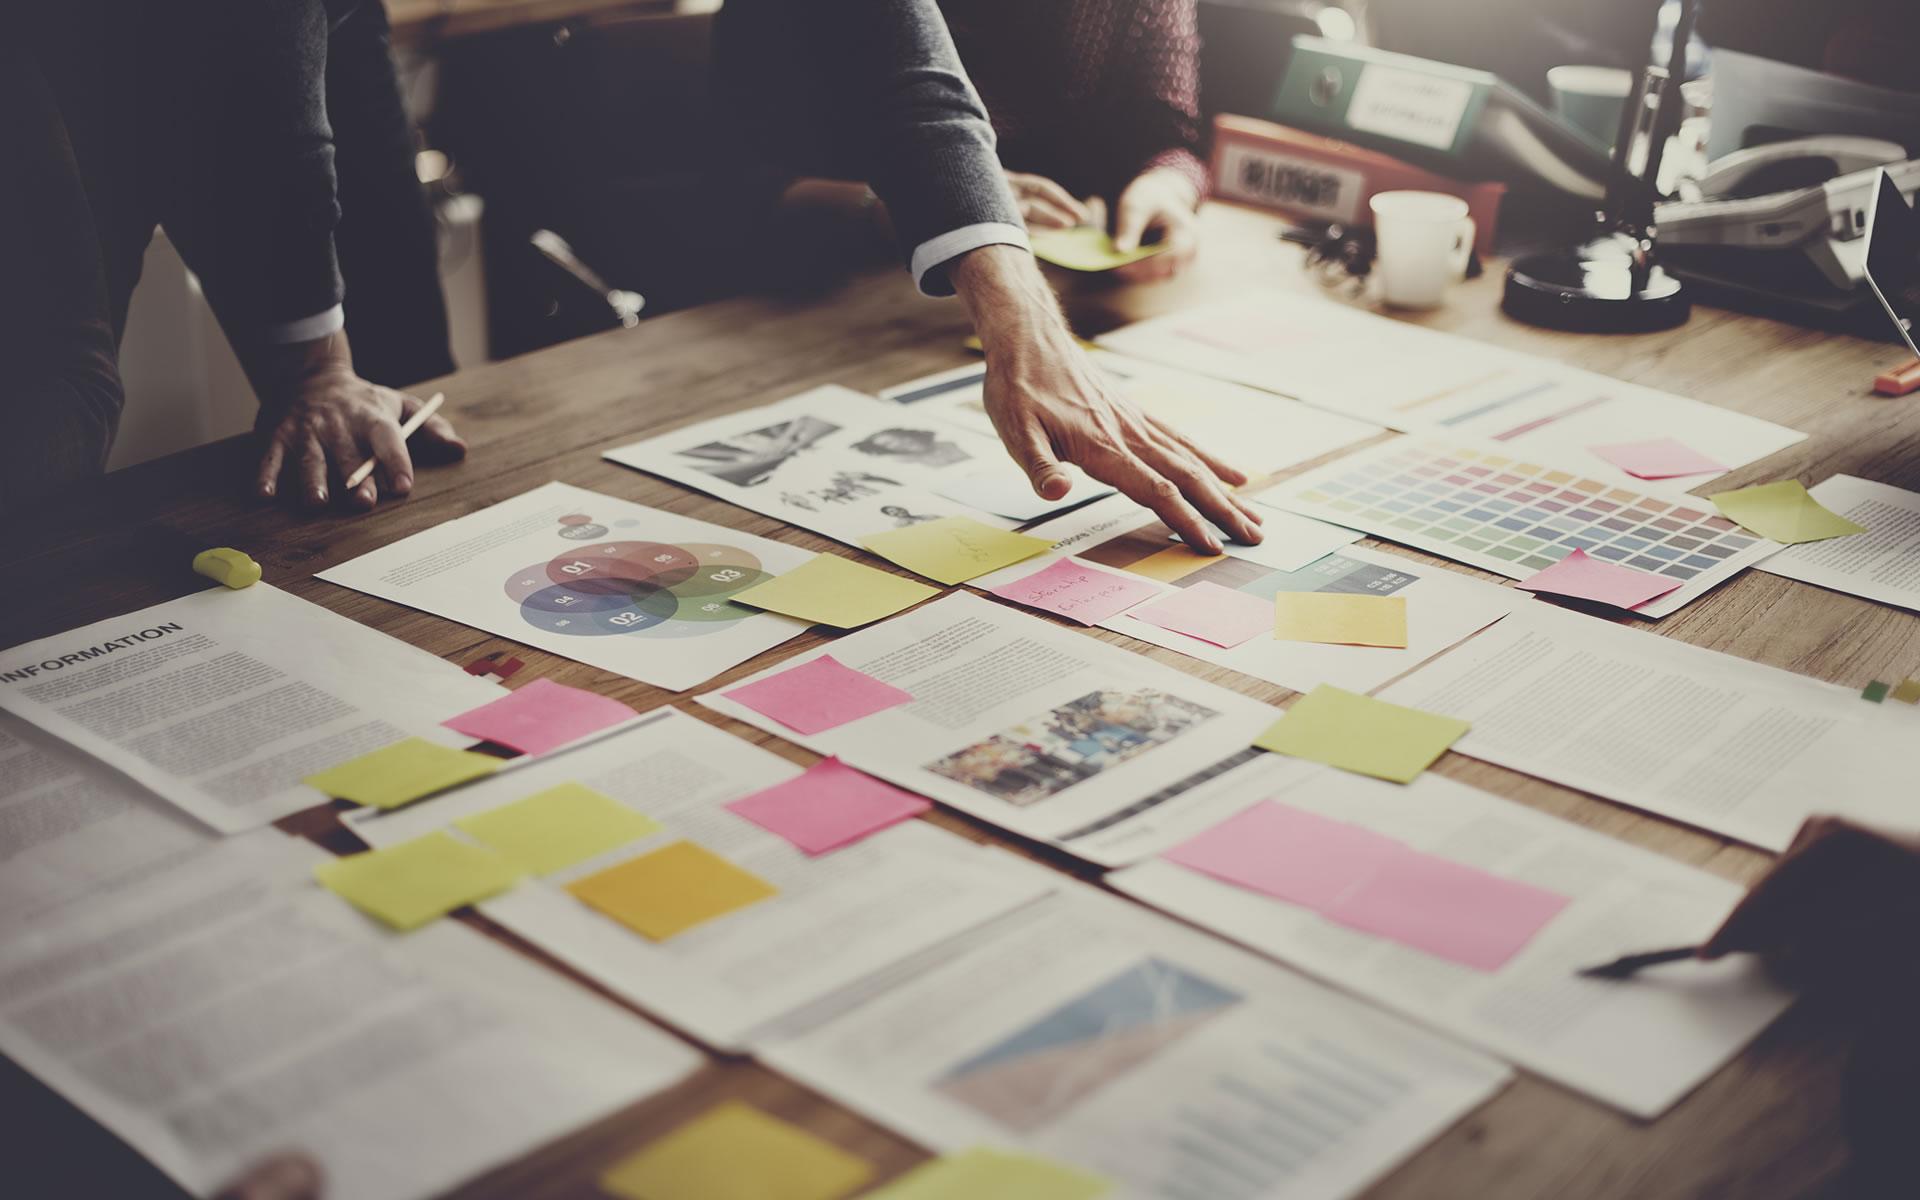 """<div style=max-width:700px>La passione non basta. Il marketing, i progetti web, i canali social e la comunicazione sono  scienze """"esatte"""", un mix di arte, tecnologia e matematica.</div>"""